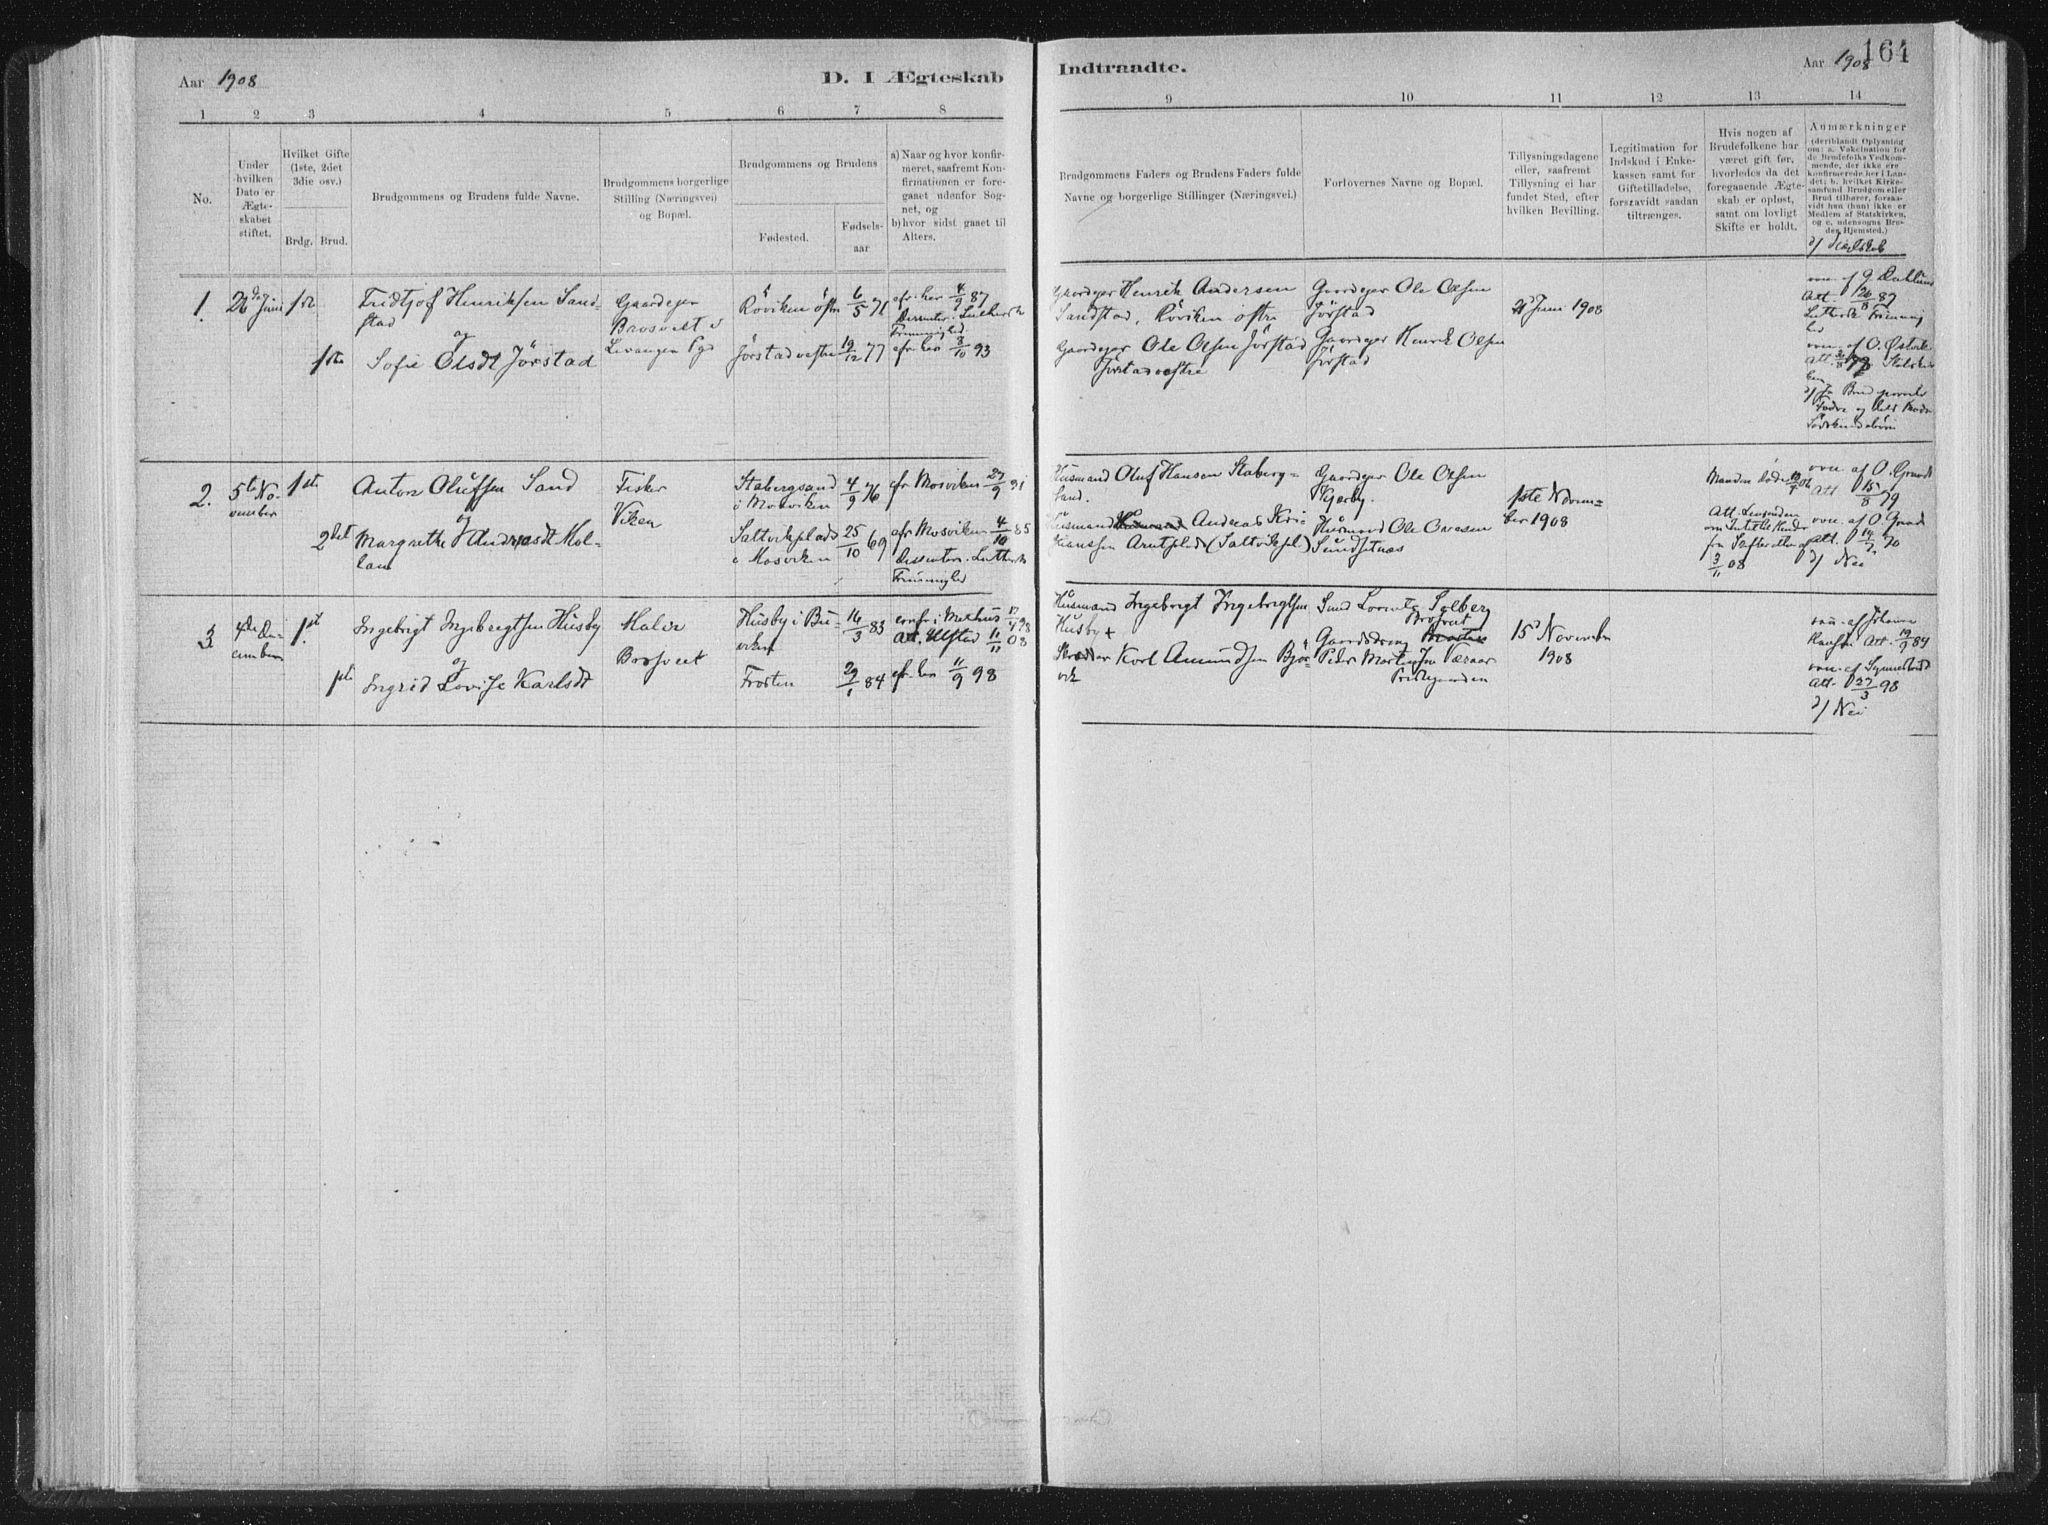 SAT, Ministerialprotokoller, klokkerbøker og fødselsregistre - Nord-Trøndelag, 722/L0220: Ministerialbok nr. 722A07, 1881-1908, s. 164